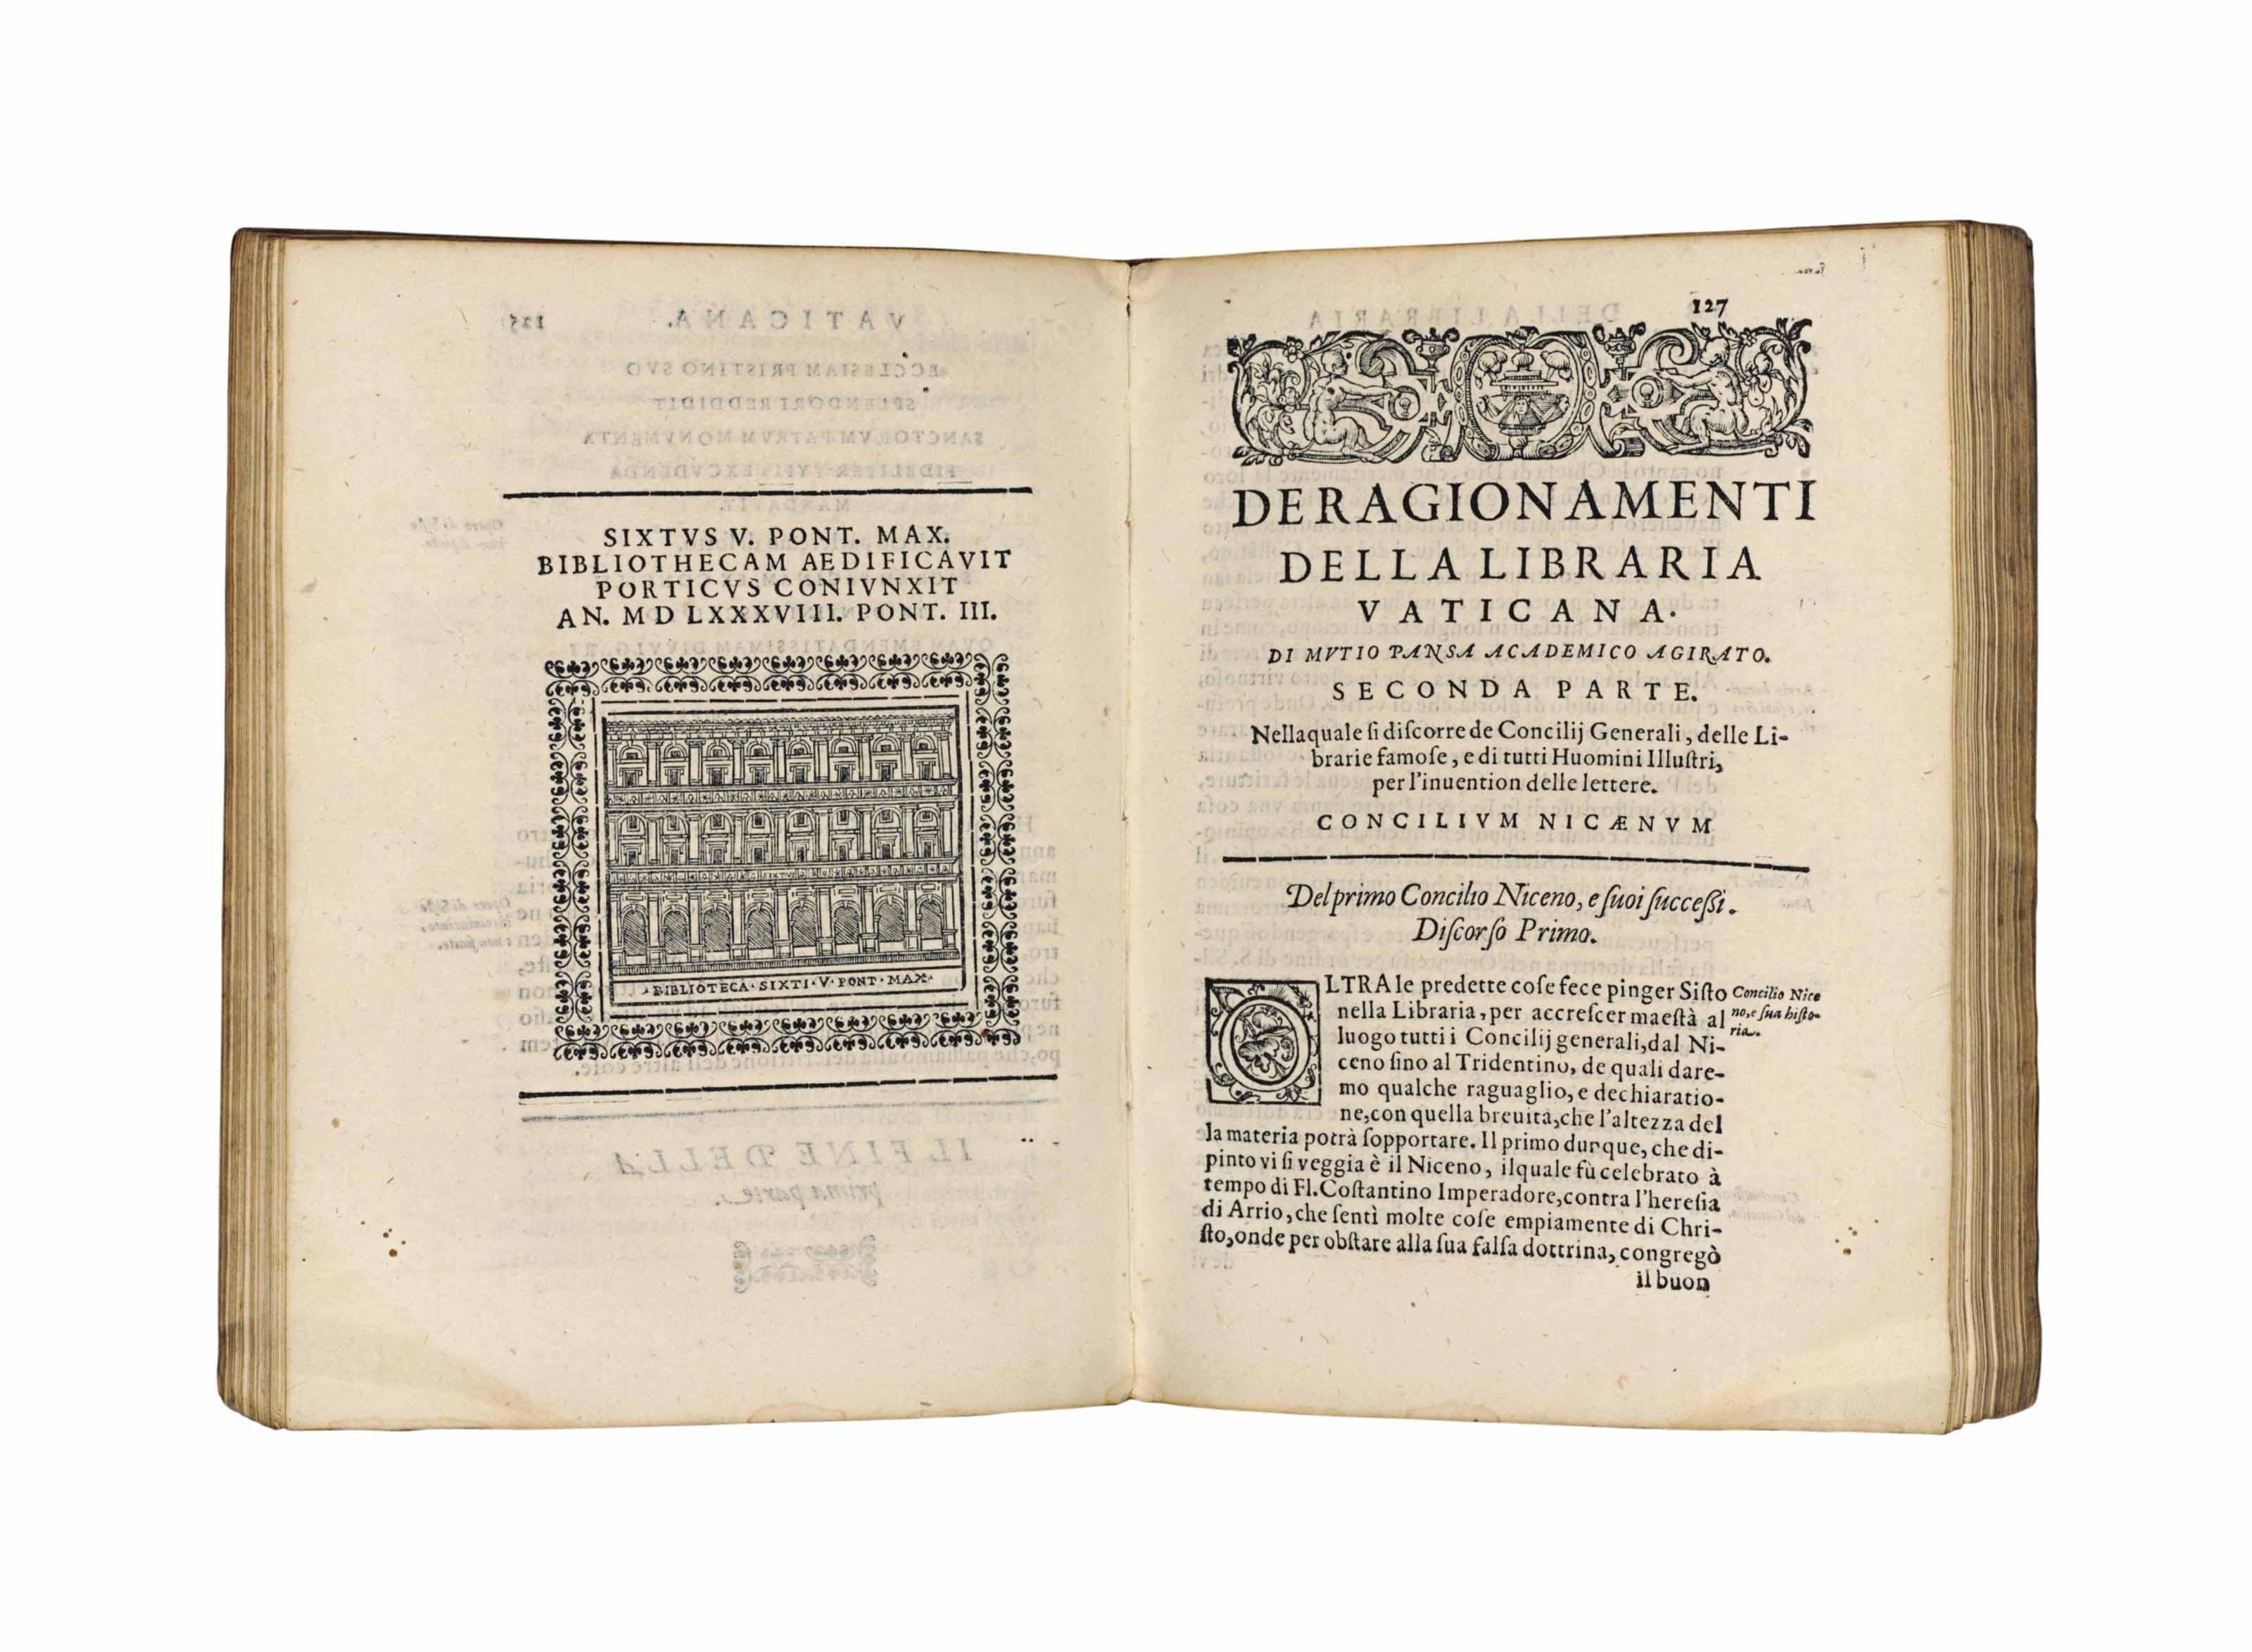 PANSA, Mutio  Della libraria vaticana  Rome: Giacomo Ruffinelli for